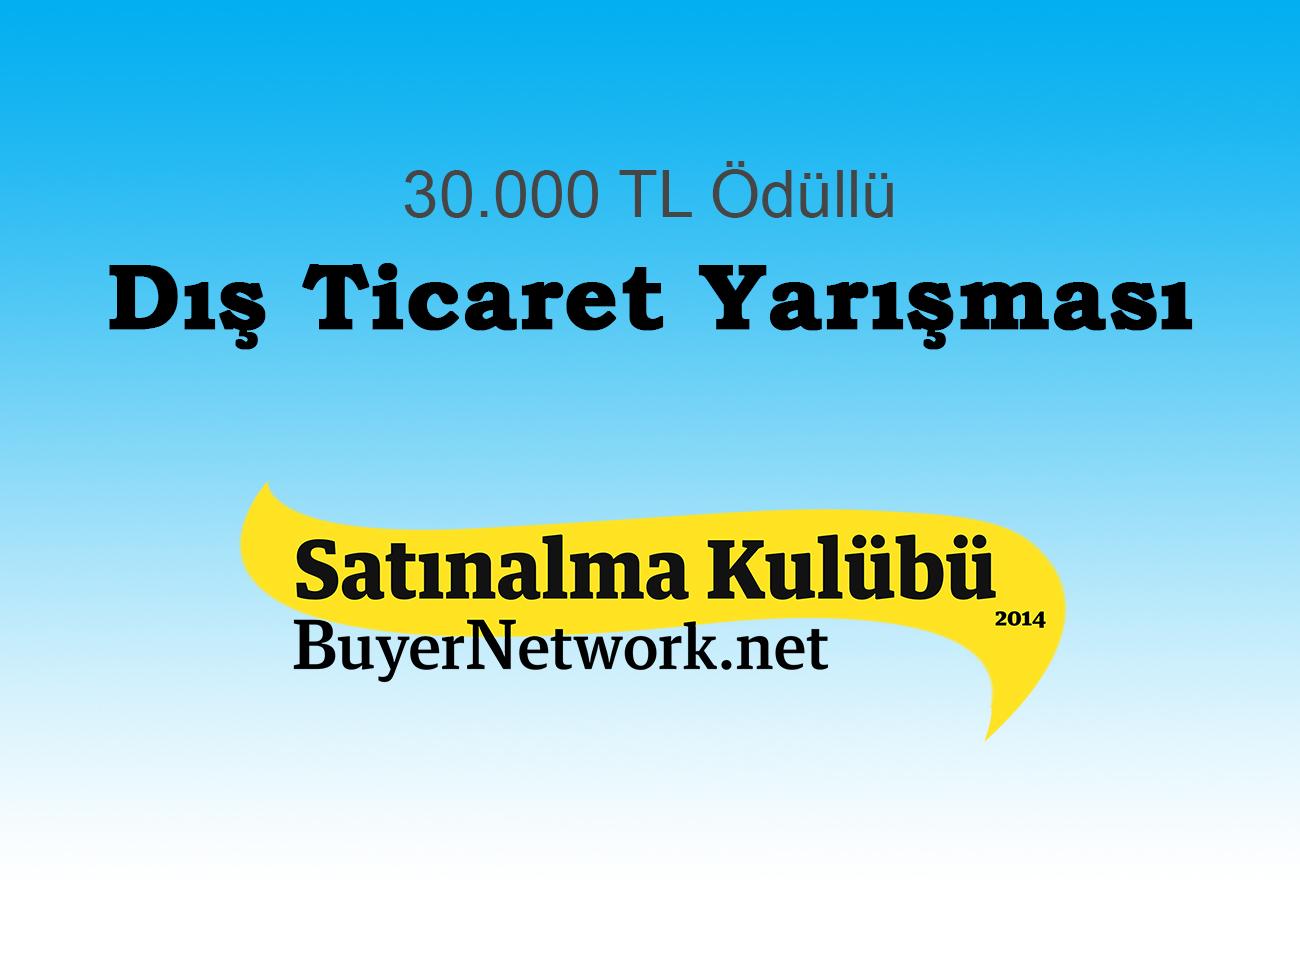 30 Bin Lira Ödüllü Dış Ticaret Yarışması Başvuruları Başladı